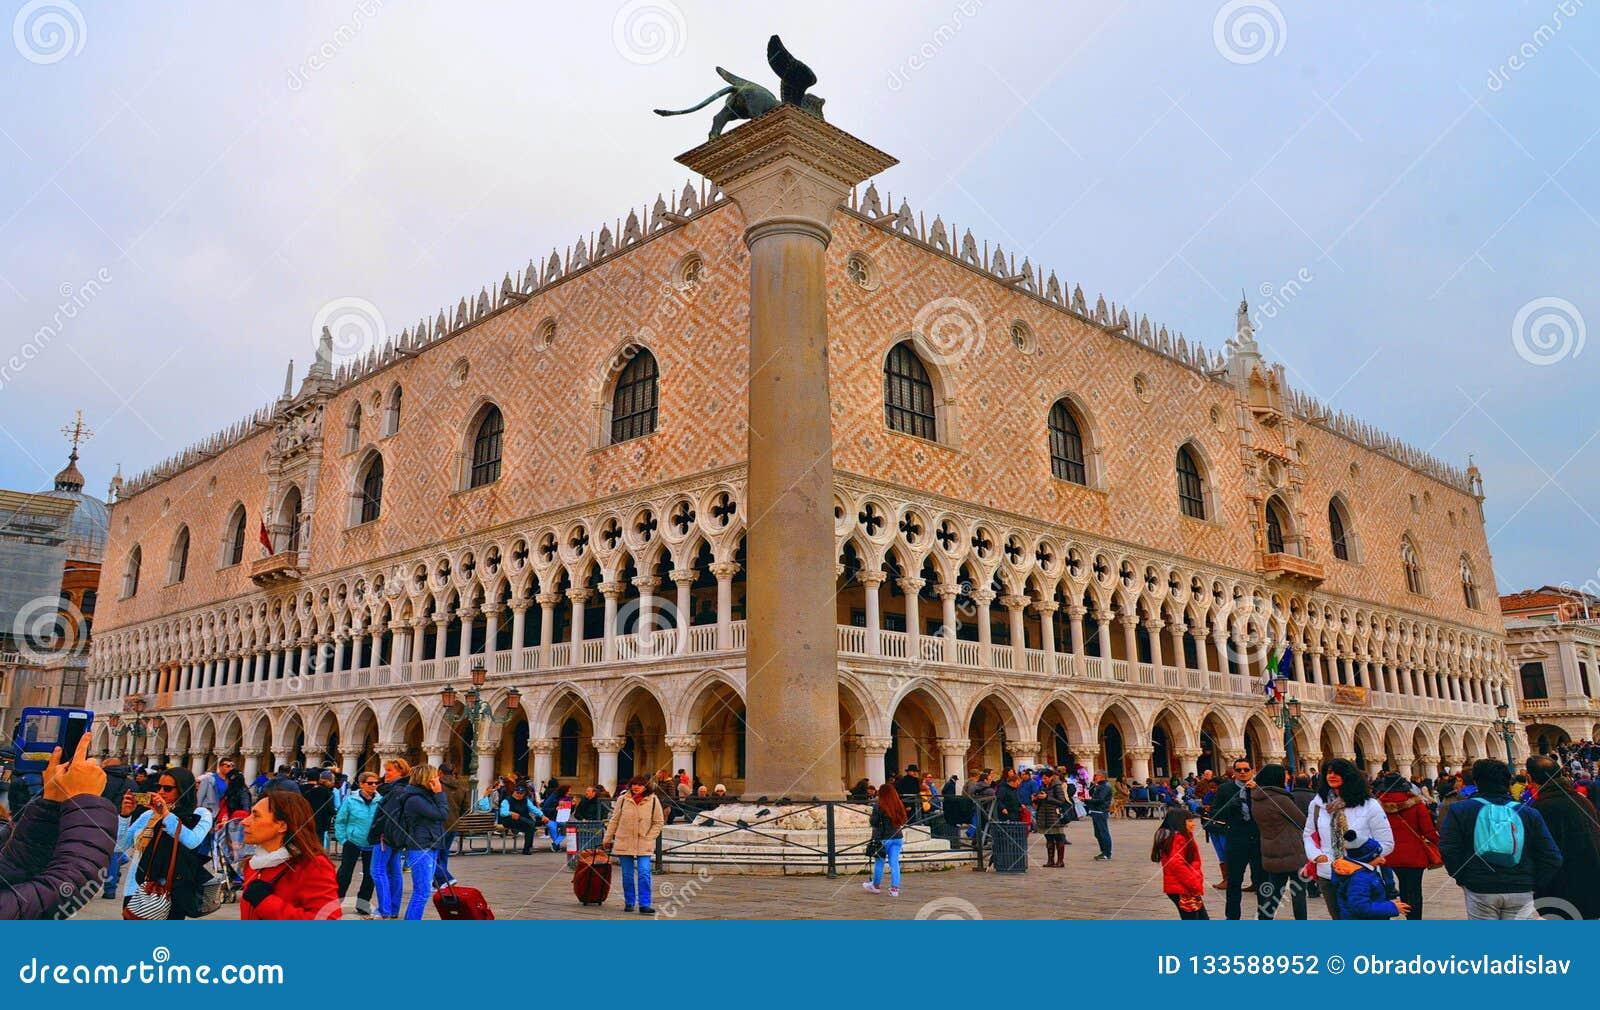 Muchedumbres de turistas que exploran el cuadrado de San Marco St Mark de la plaza con el palacio del dux en Venecia, Italia